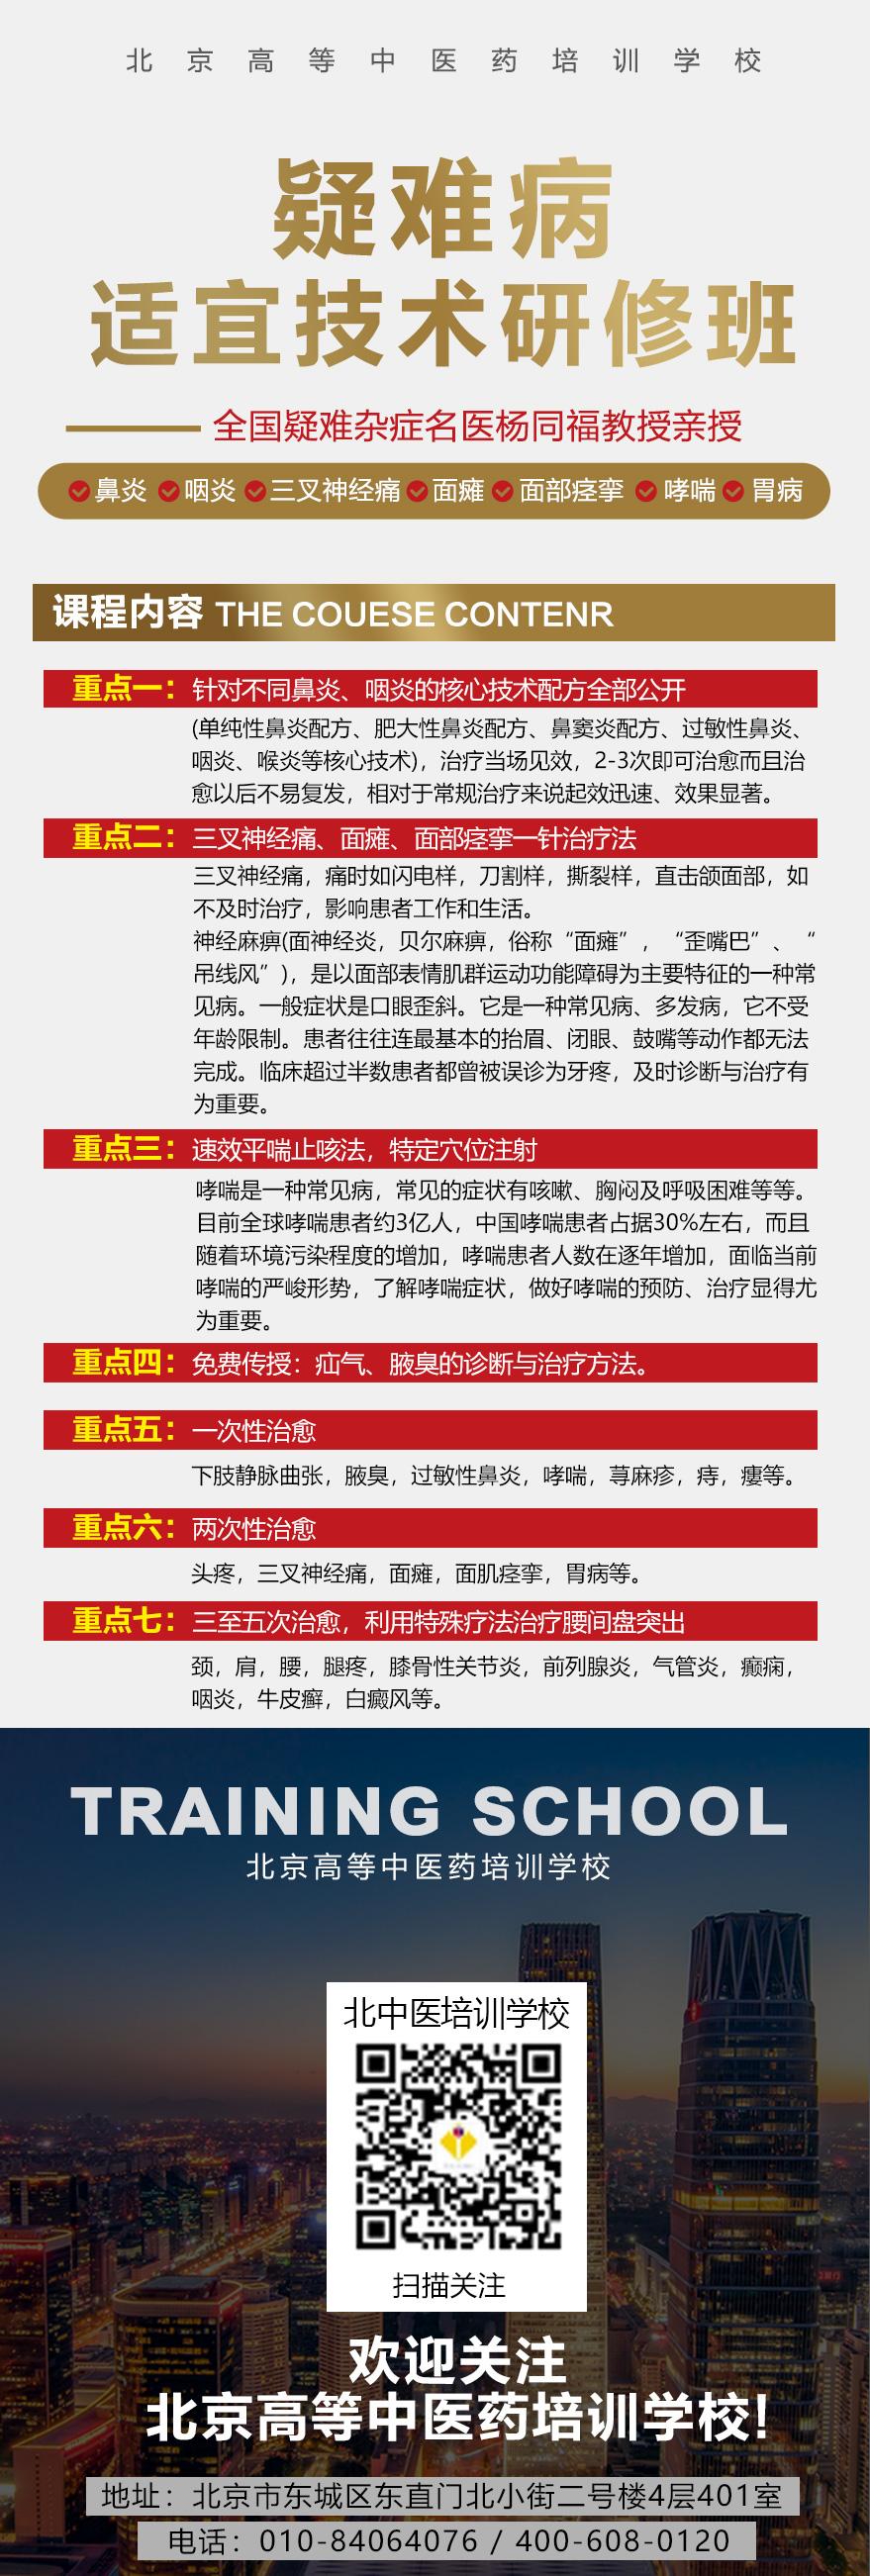 2018-5-16全部课程-疑难病适宜技术研修班.jpg